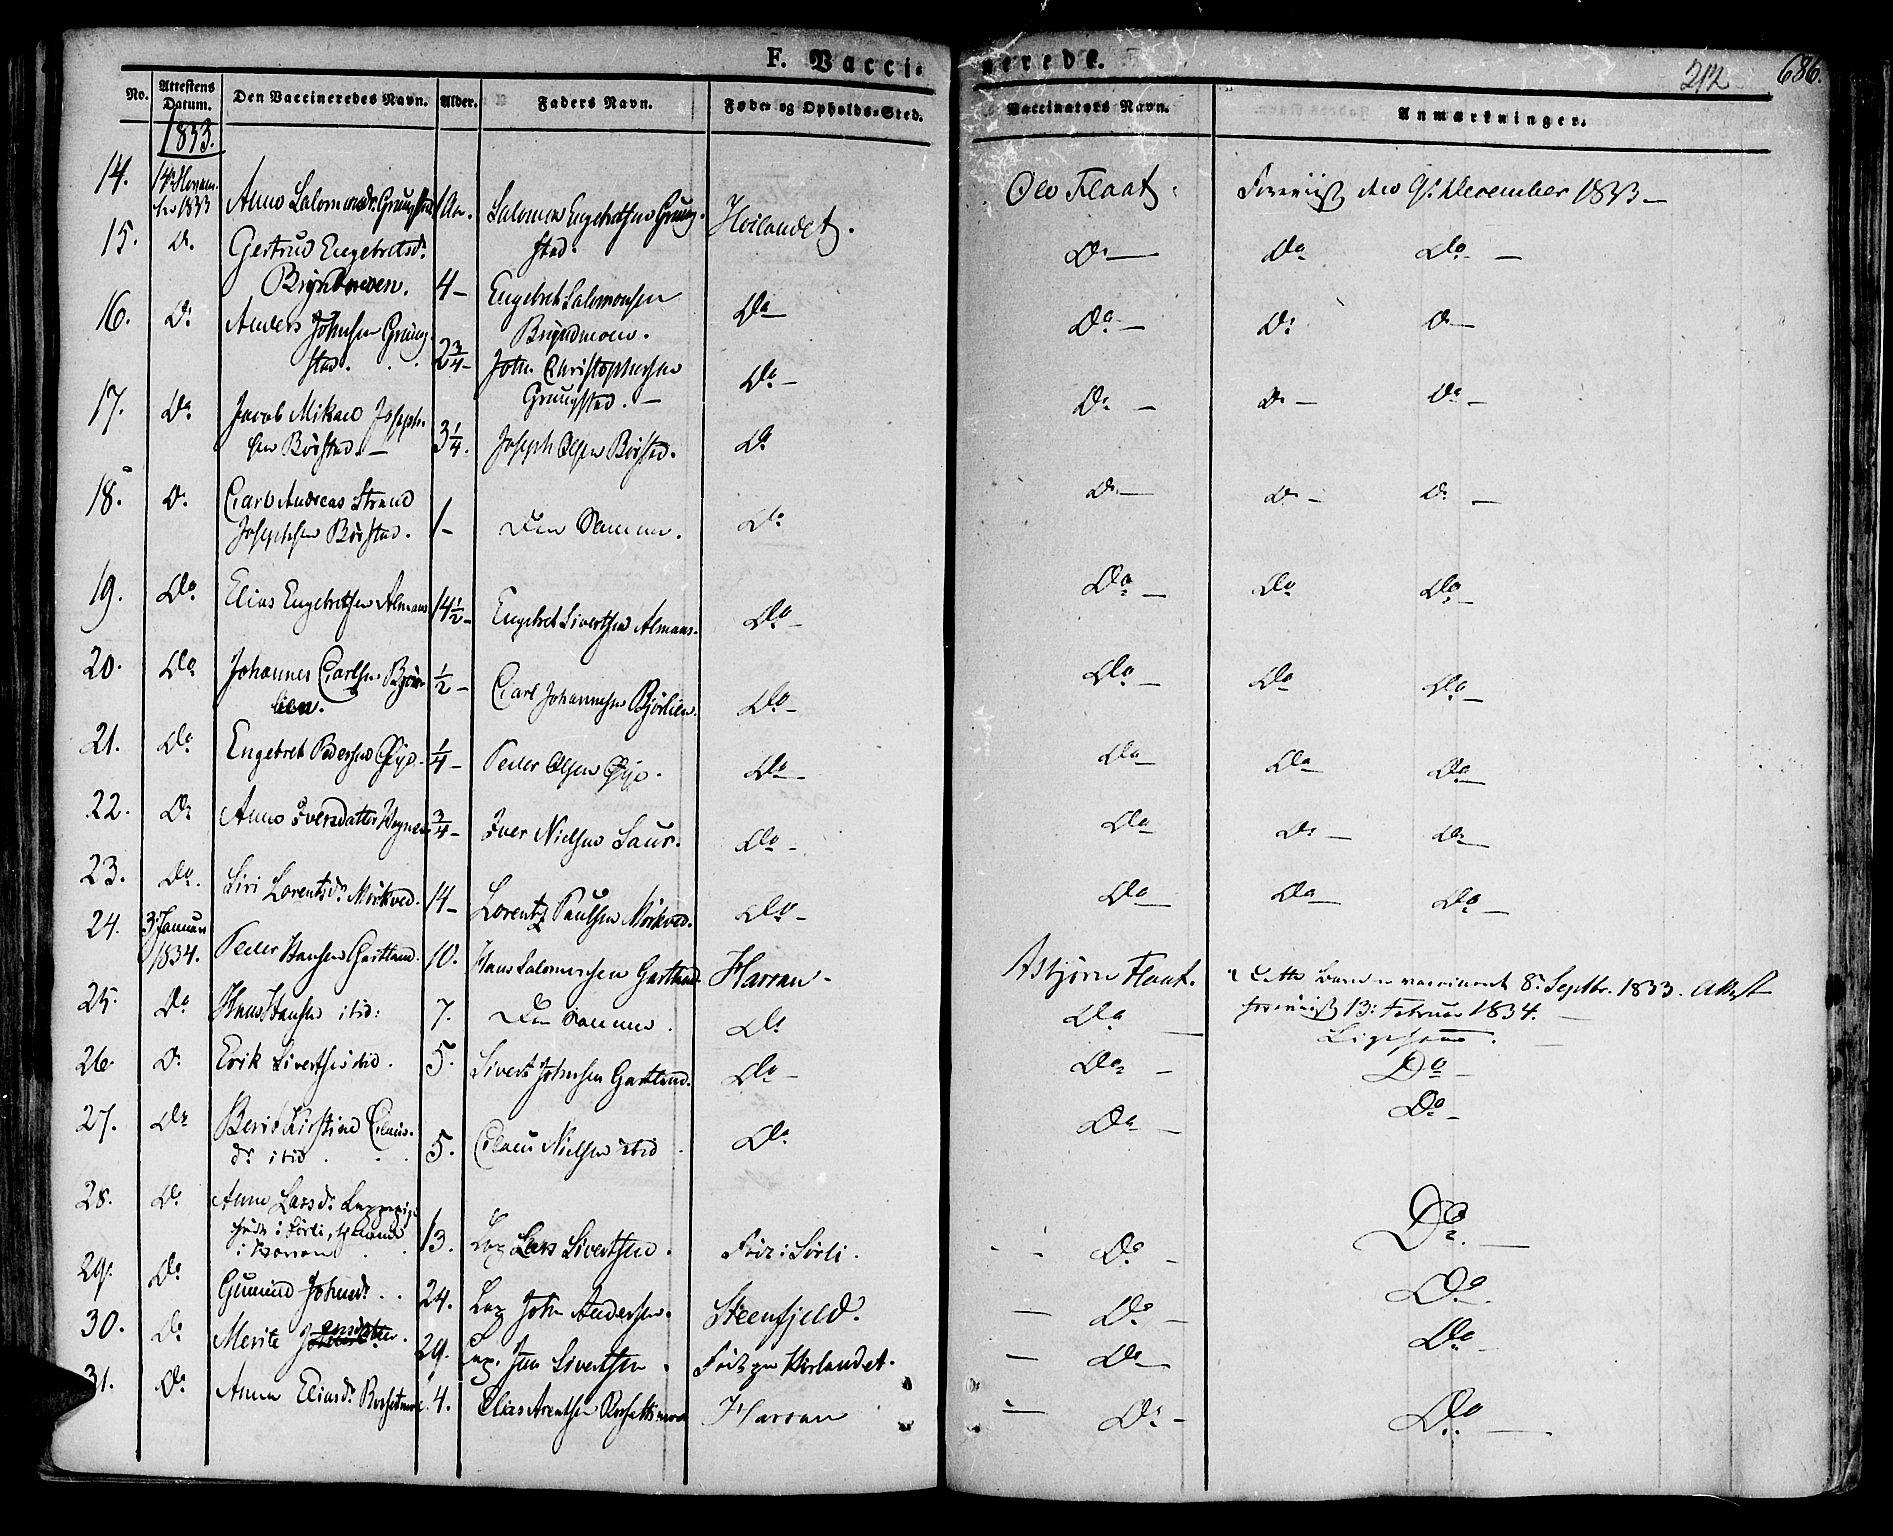 SAT, Ministerialprotokoller, klokkerbøker og fødselsregistre - Nord-Trøndelag, 758/L0510: Ministerialbok nr. 758A01 /1, 1821-1841, s. 212